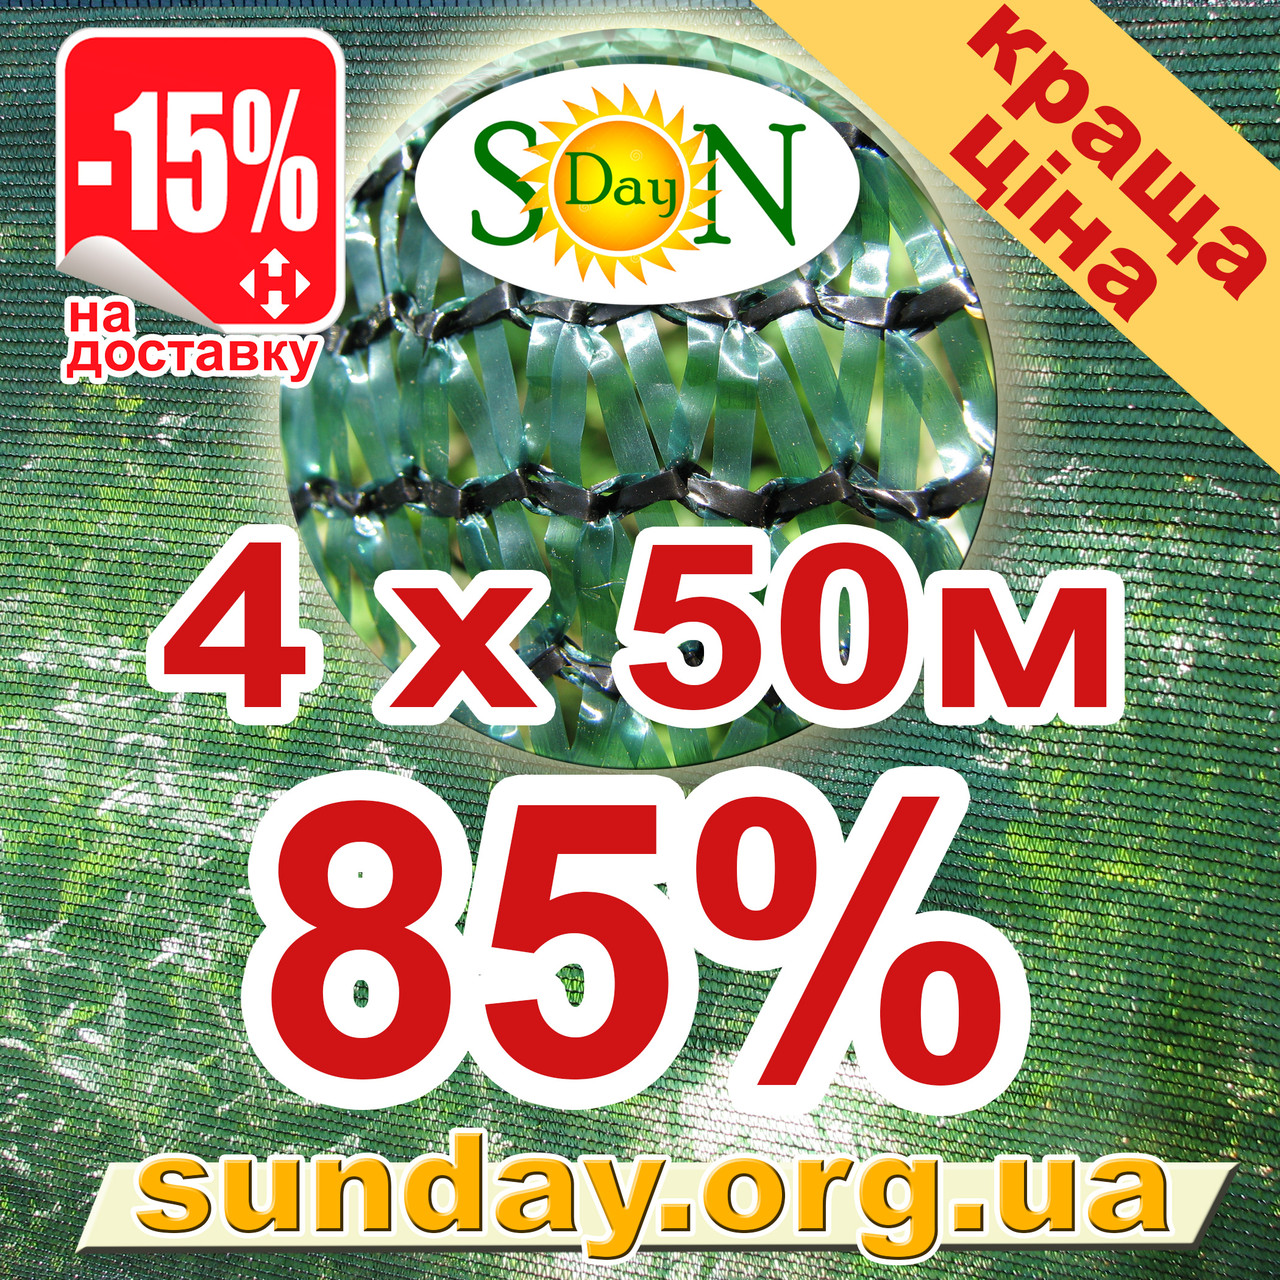 Сетка затеняющая, маскировочная в рулоне 4*50м 85% Венгрия